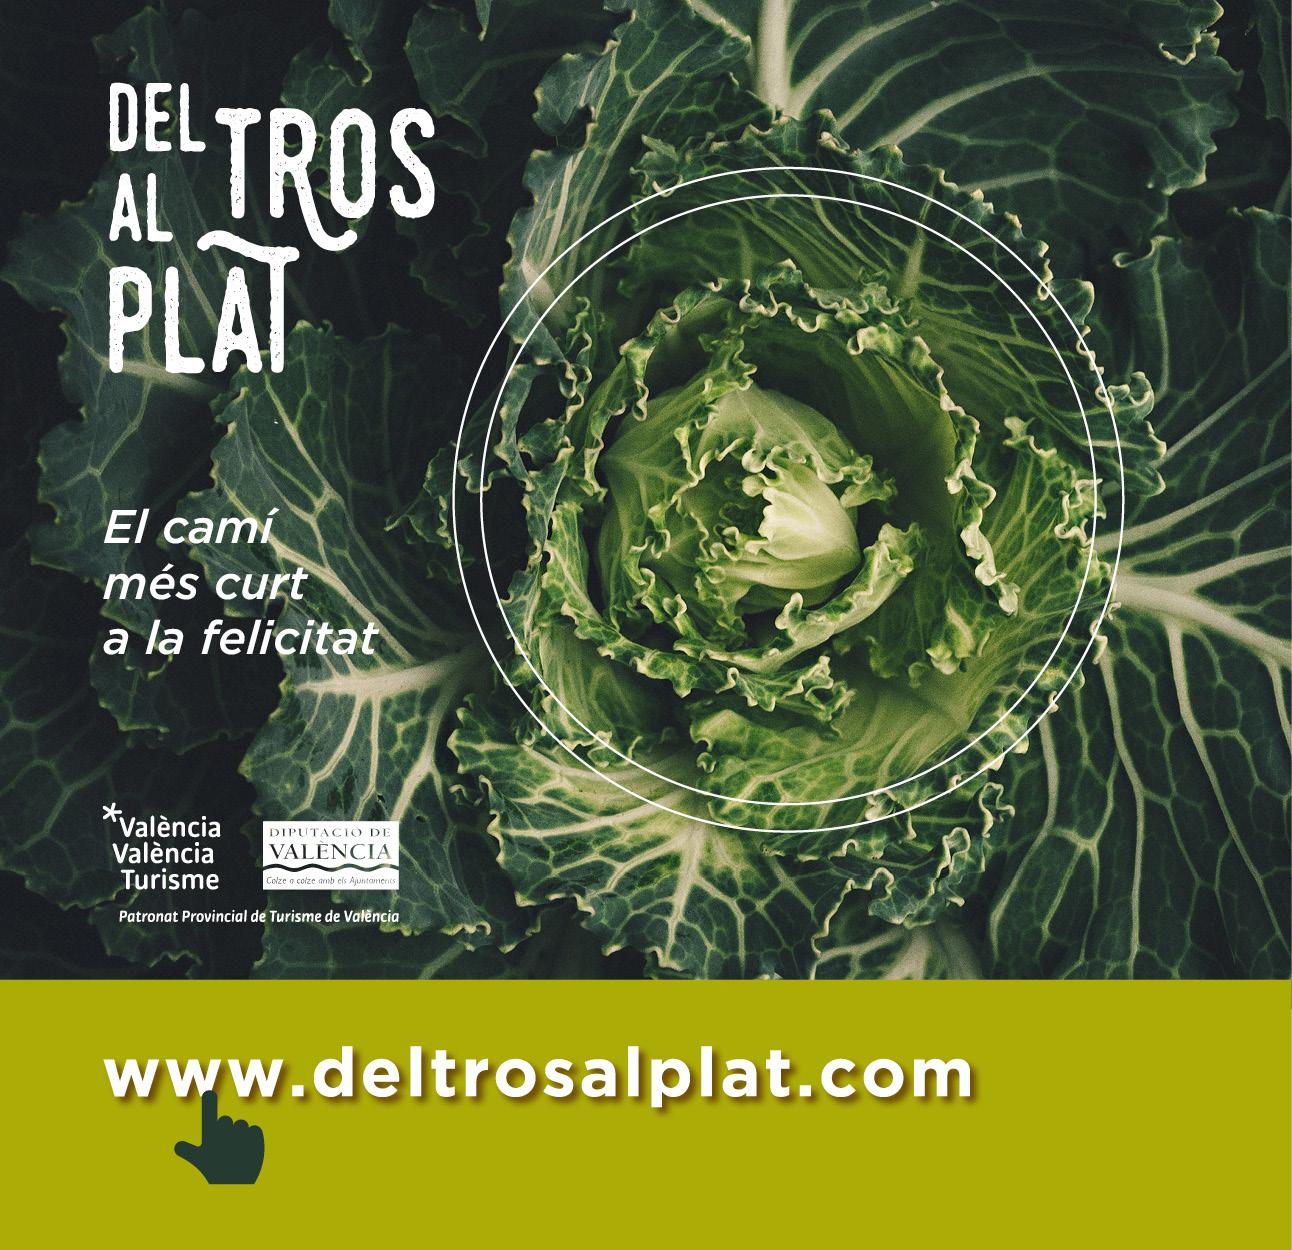 www.deltrosalplat.com